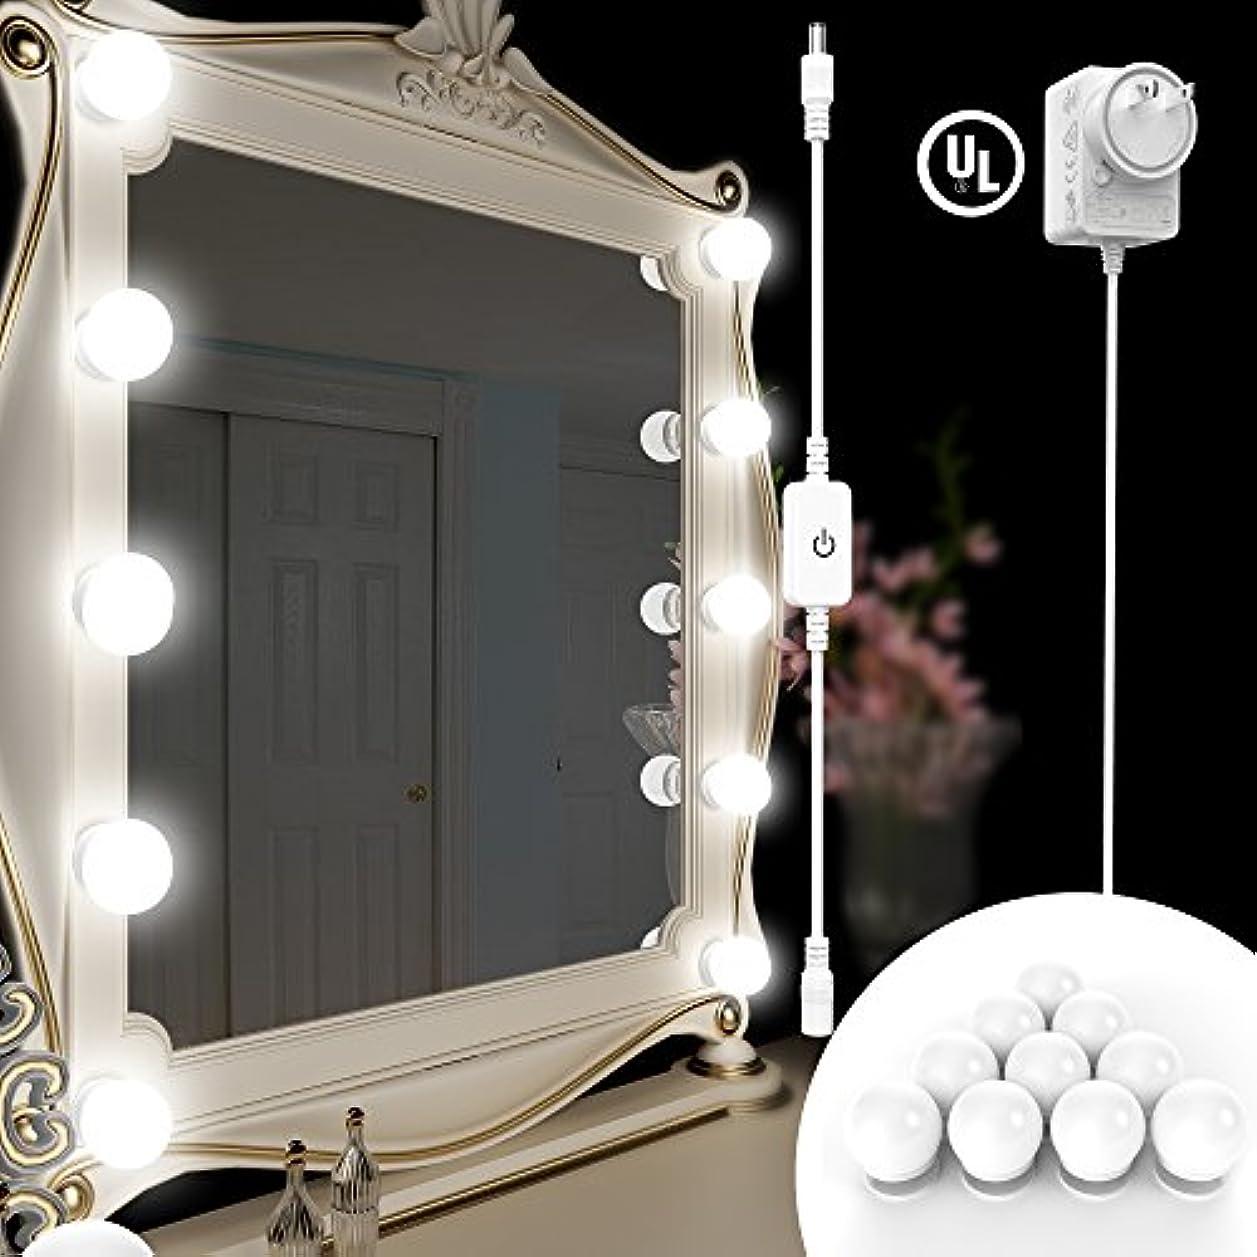 小石円周ワイヤーBlueFire DIY 化粧鏡 LEDライト 女優ミラーライト ハリウッドライト ドレッサーライト 10個LED電球 明るさ調節可能 全長3.6M 隠し配線 メイクアップミラーライト バニティミラーライトキット